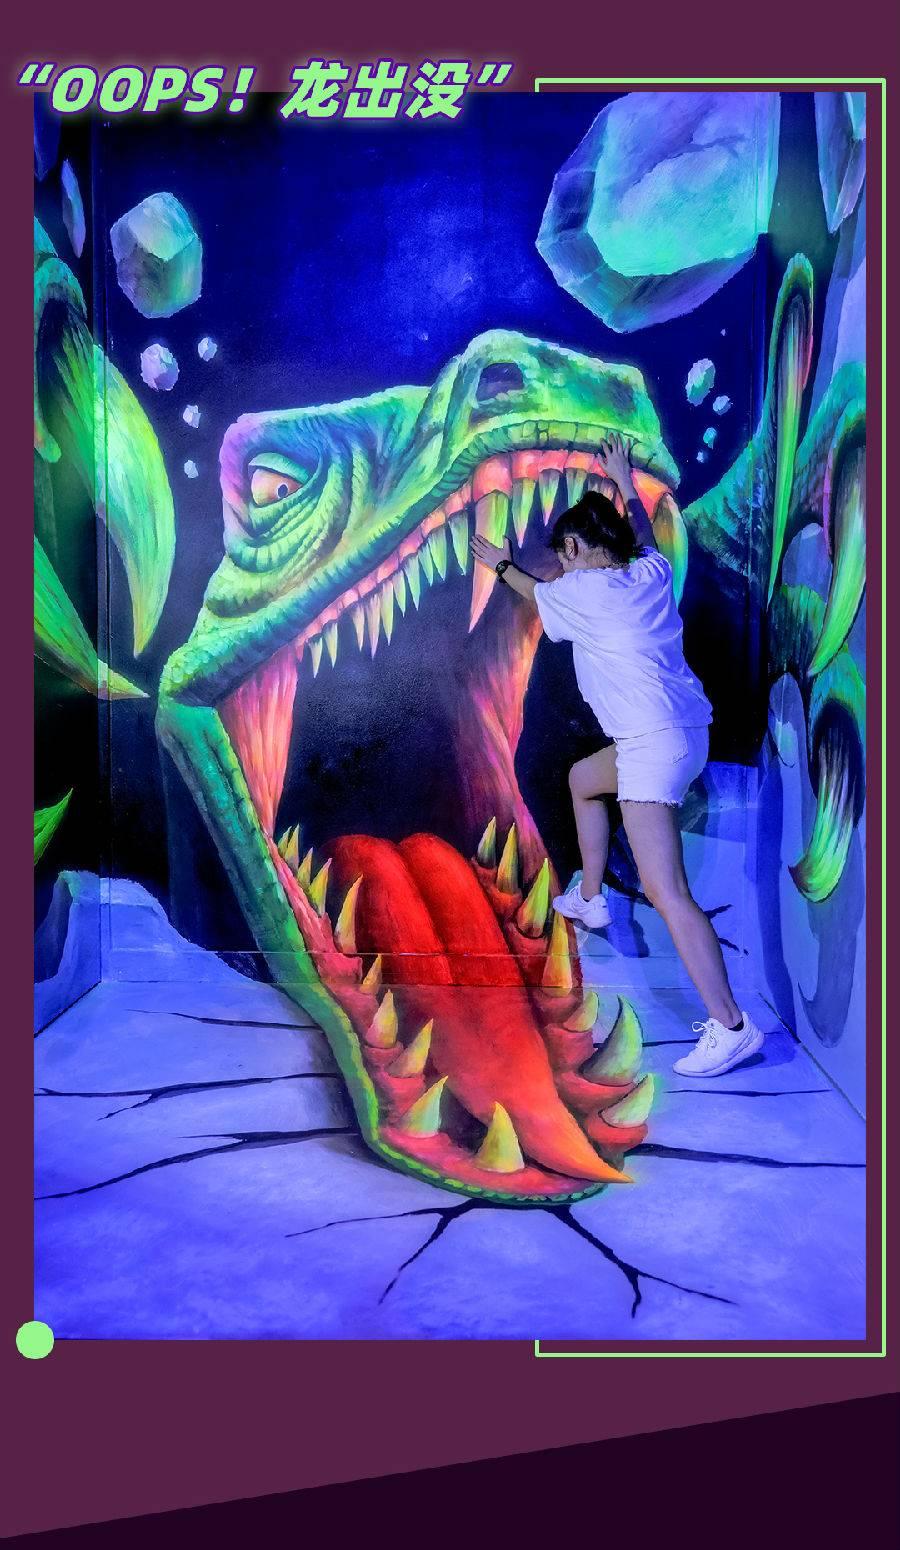 【广州·天河区】【考生专属优惠】首家3D夜光博物馆,38元抢正佳自然博物馆中高考学生票,带上准考证来畅玩吧~